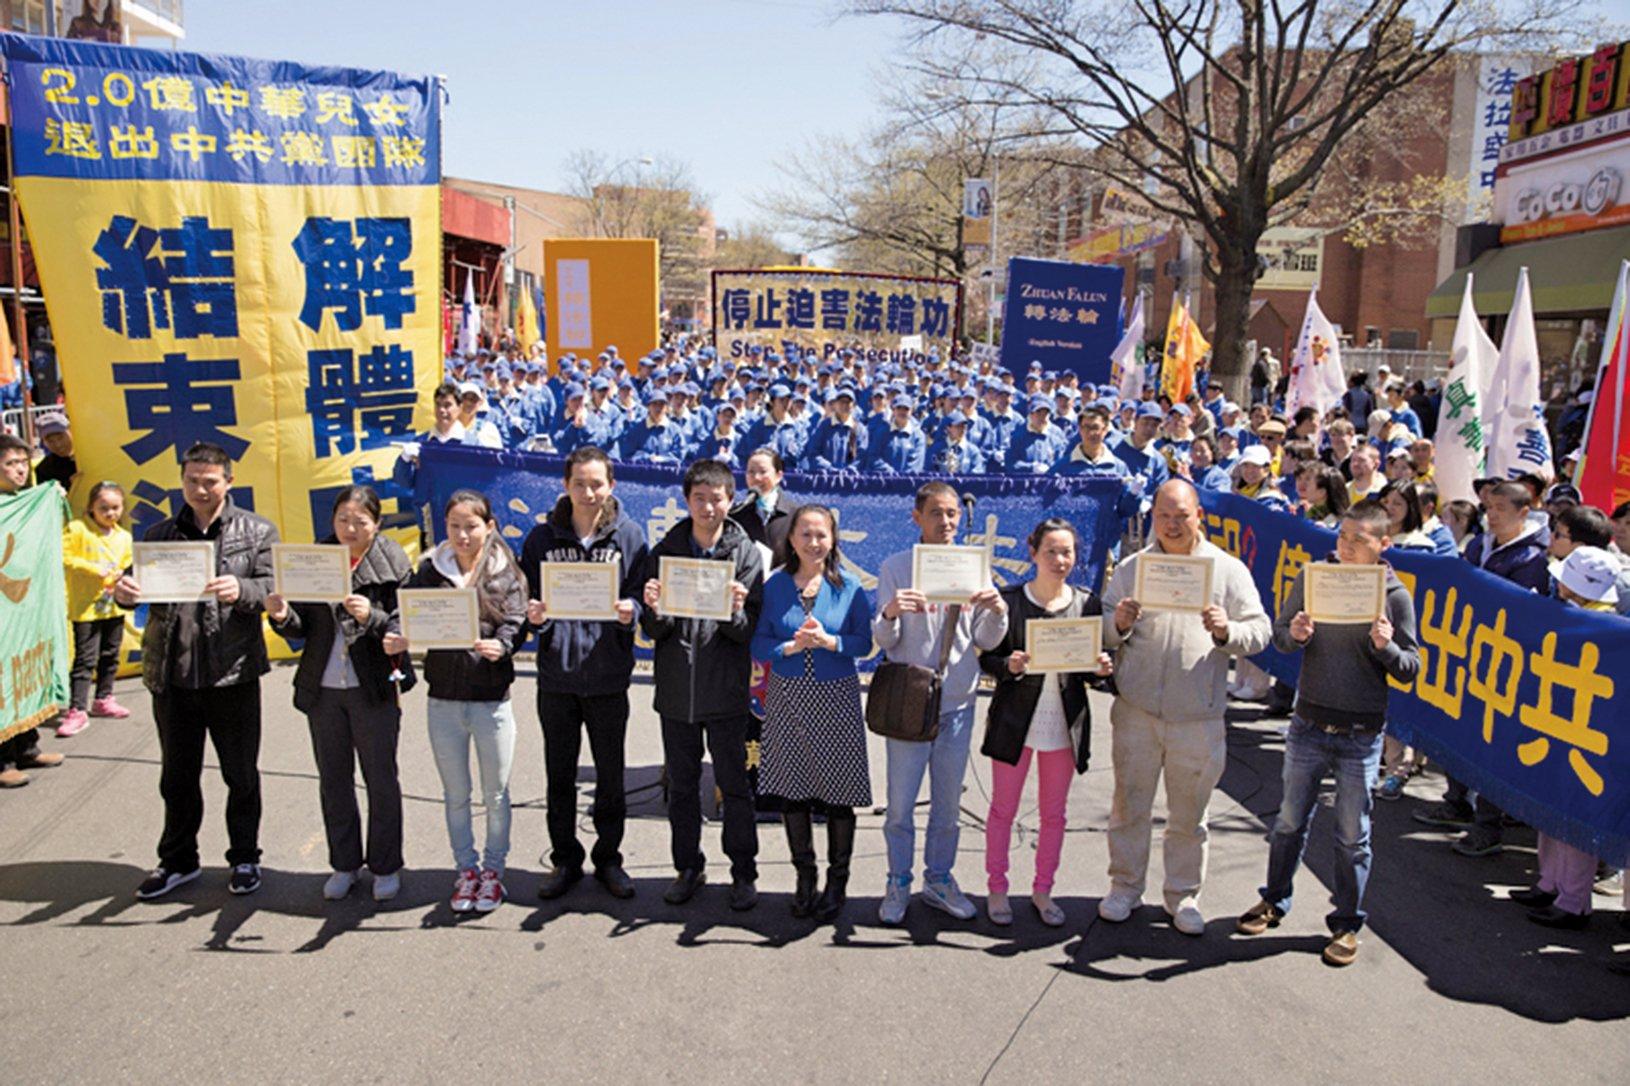 多位華人在「全球退黨服務中心」在紐約組織的集會上公開退黨。(大紀元資料圖片)